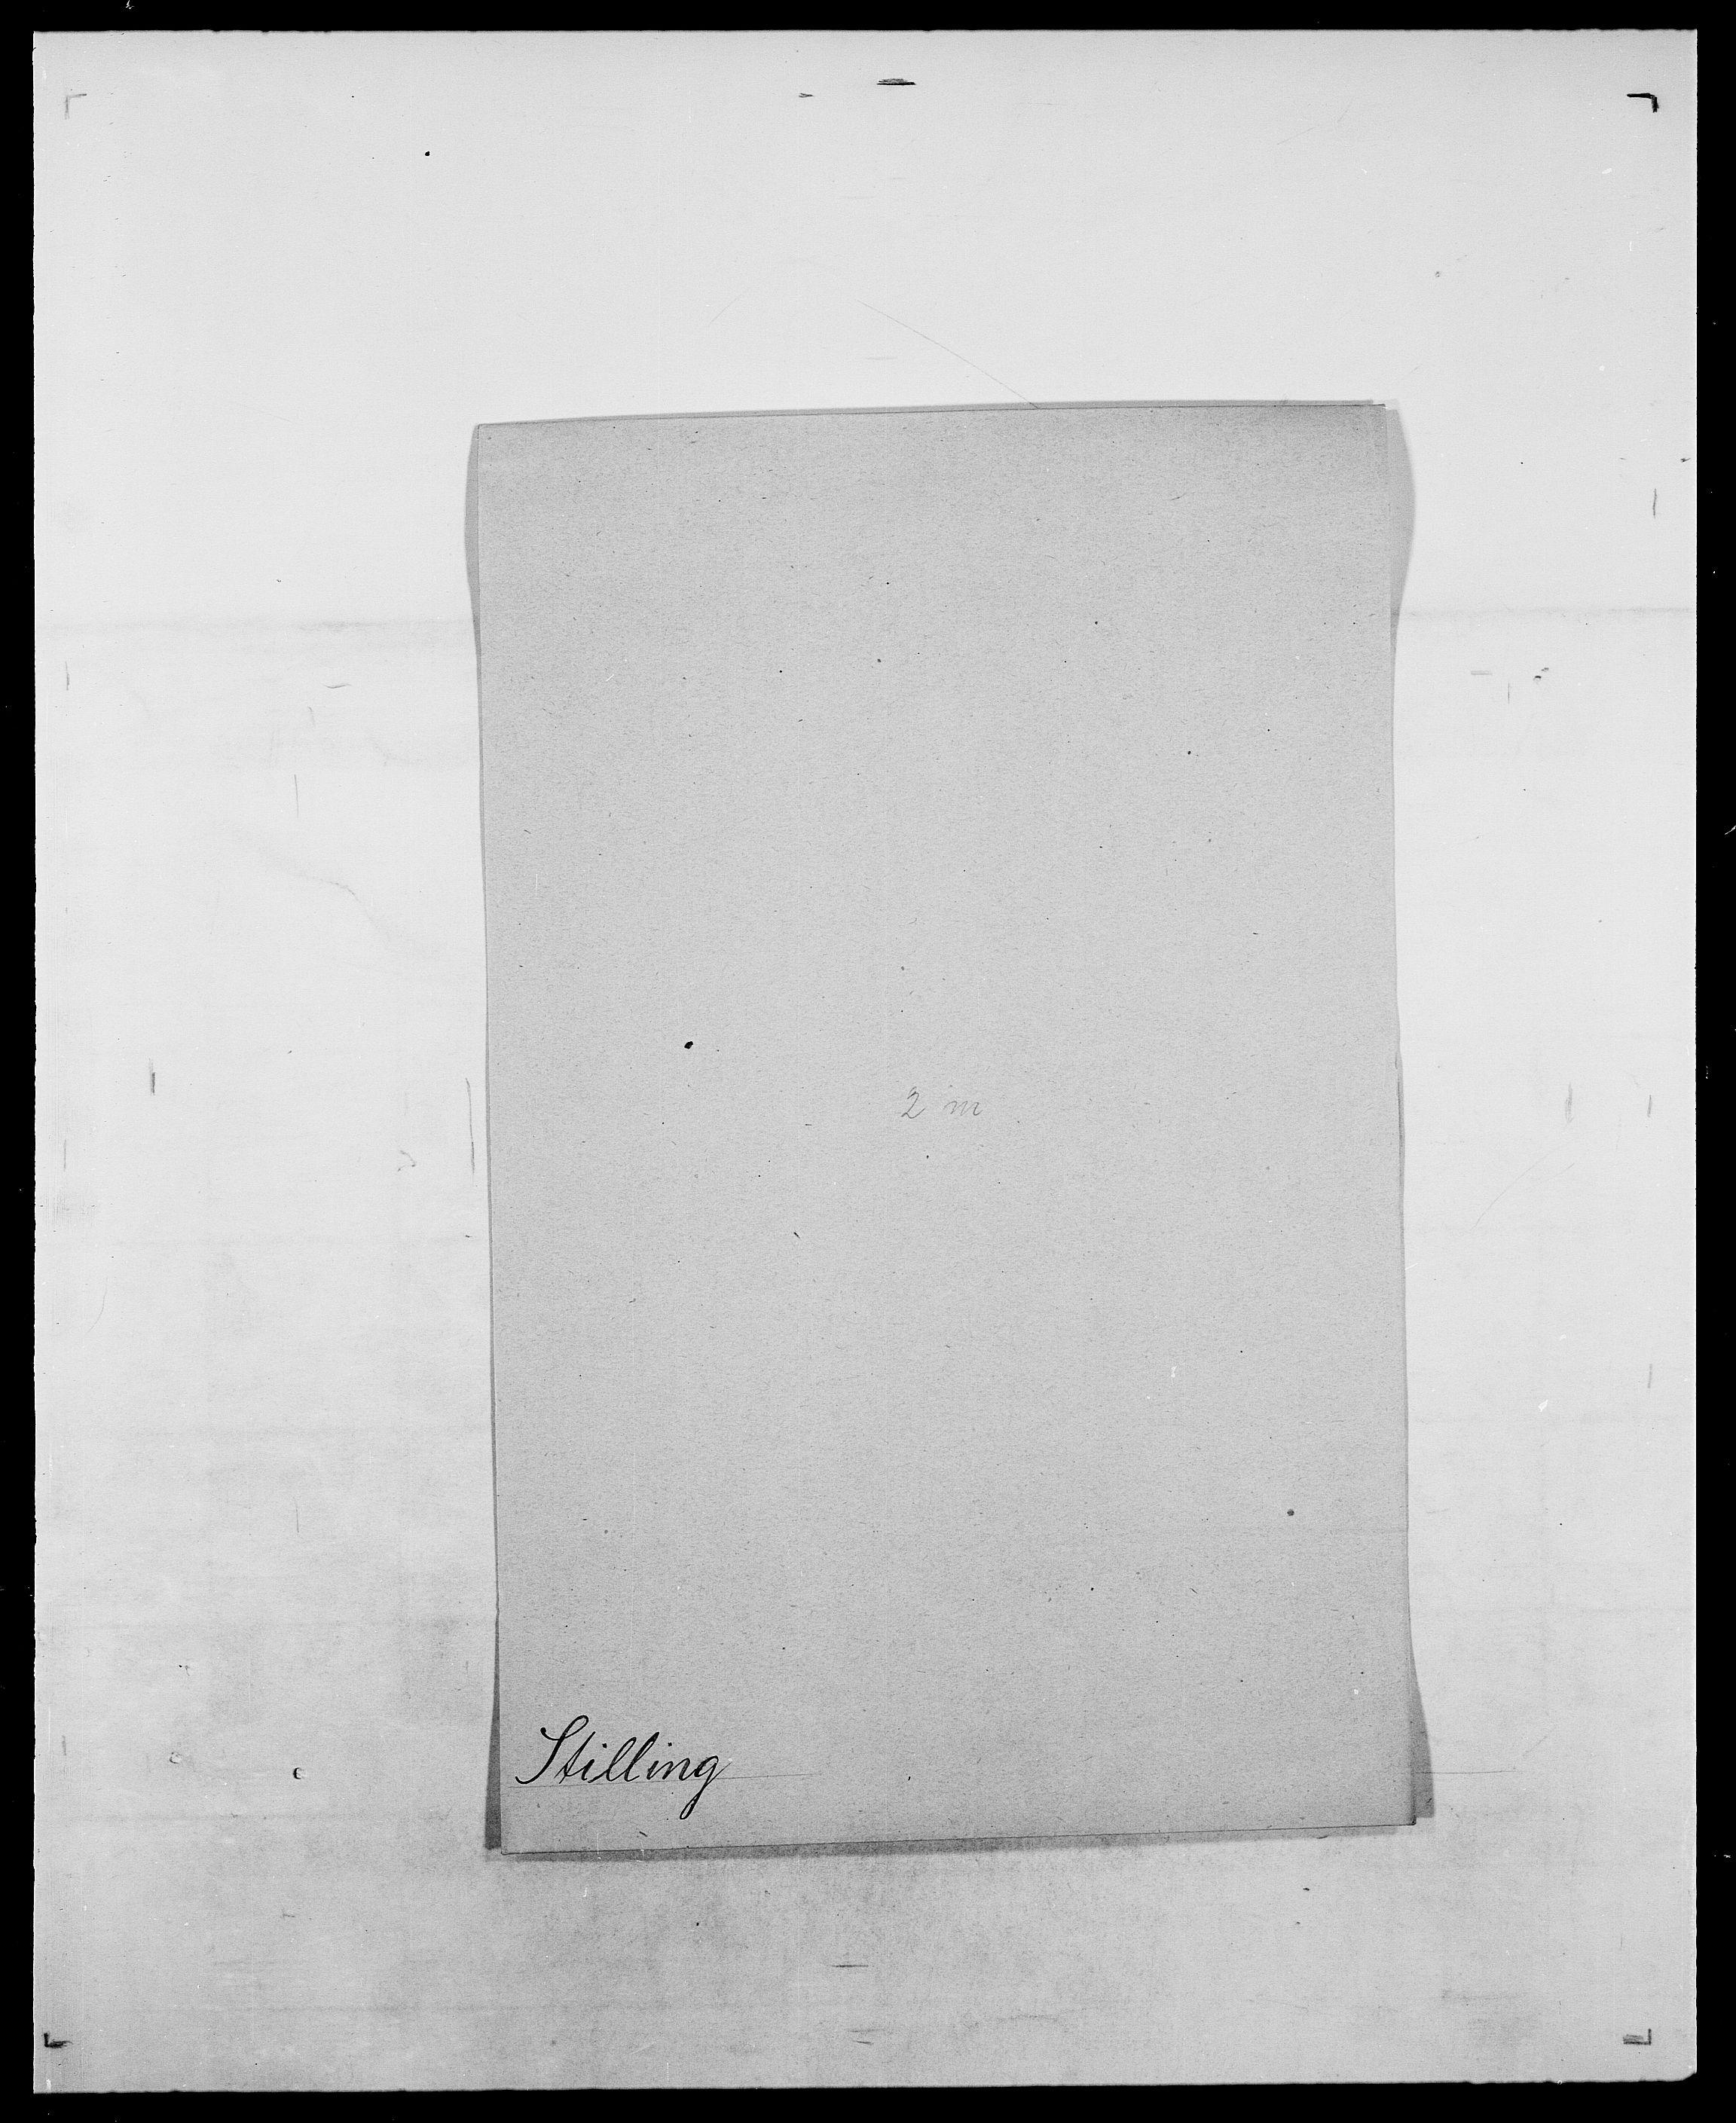 SAO, Delgobe, Charles Antoine - samling, D/Da/L0037: Steen, Sthen, Stein - Svare, Svanige, Svanne, se også Svanning og Schwane, s. 387